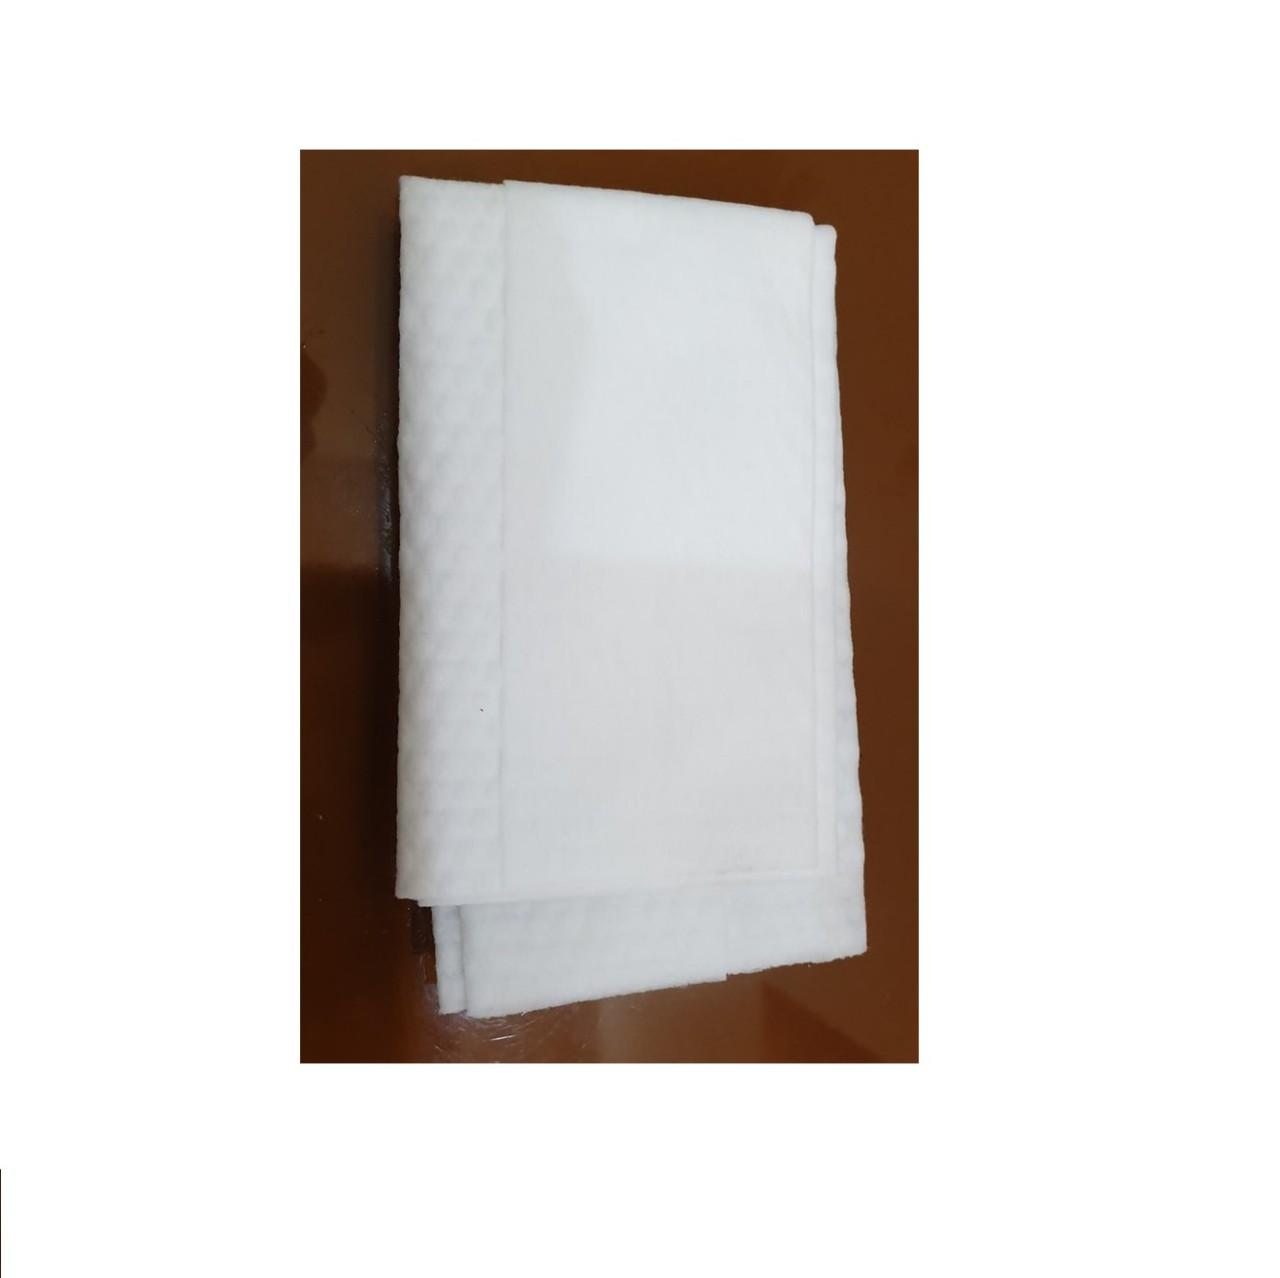 Sản xuất khăn bông uy tín